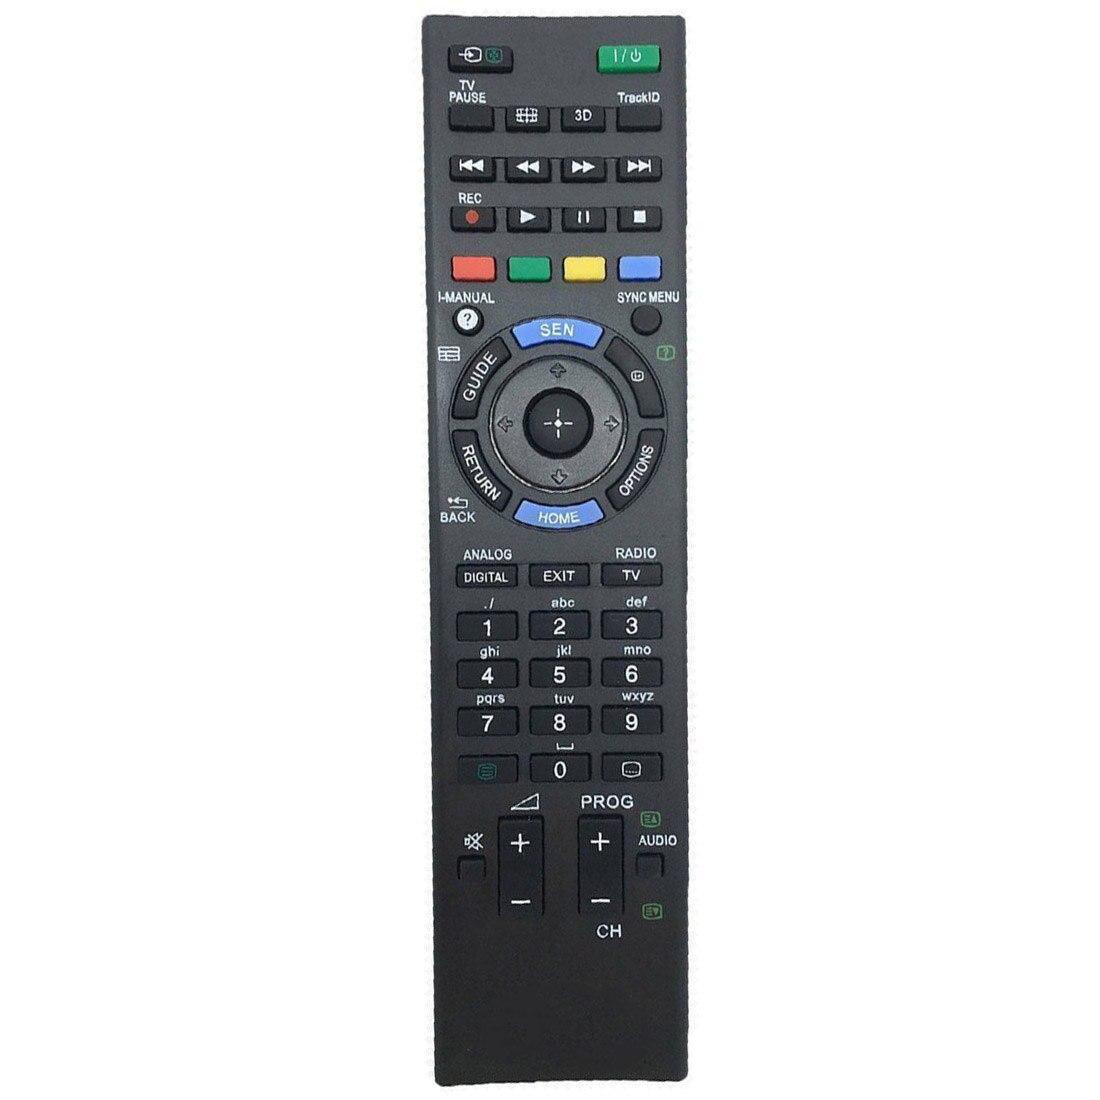 New Remote Control RM-ED047 For SONY Bravia TV KDL-40HX750 KDL-46HX850